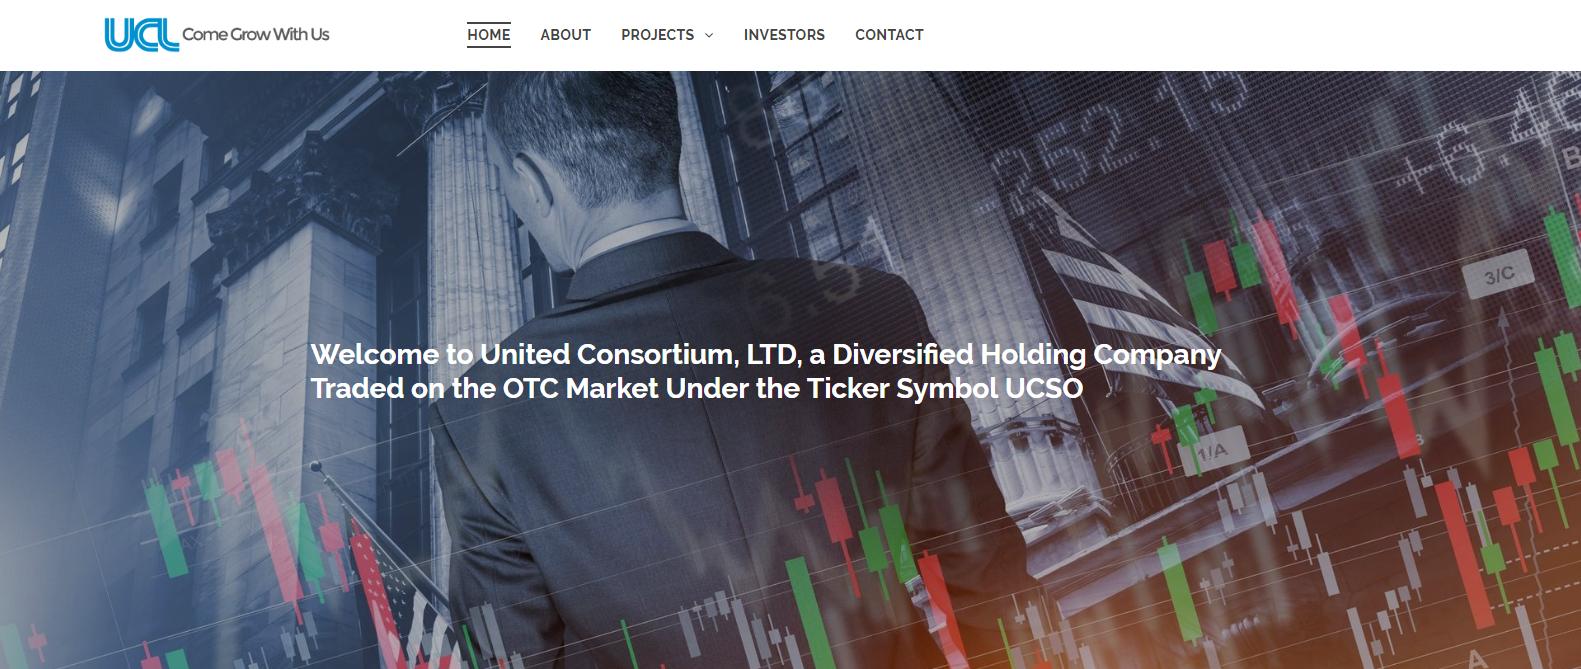 USCO-Stock